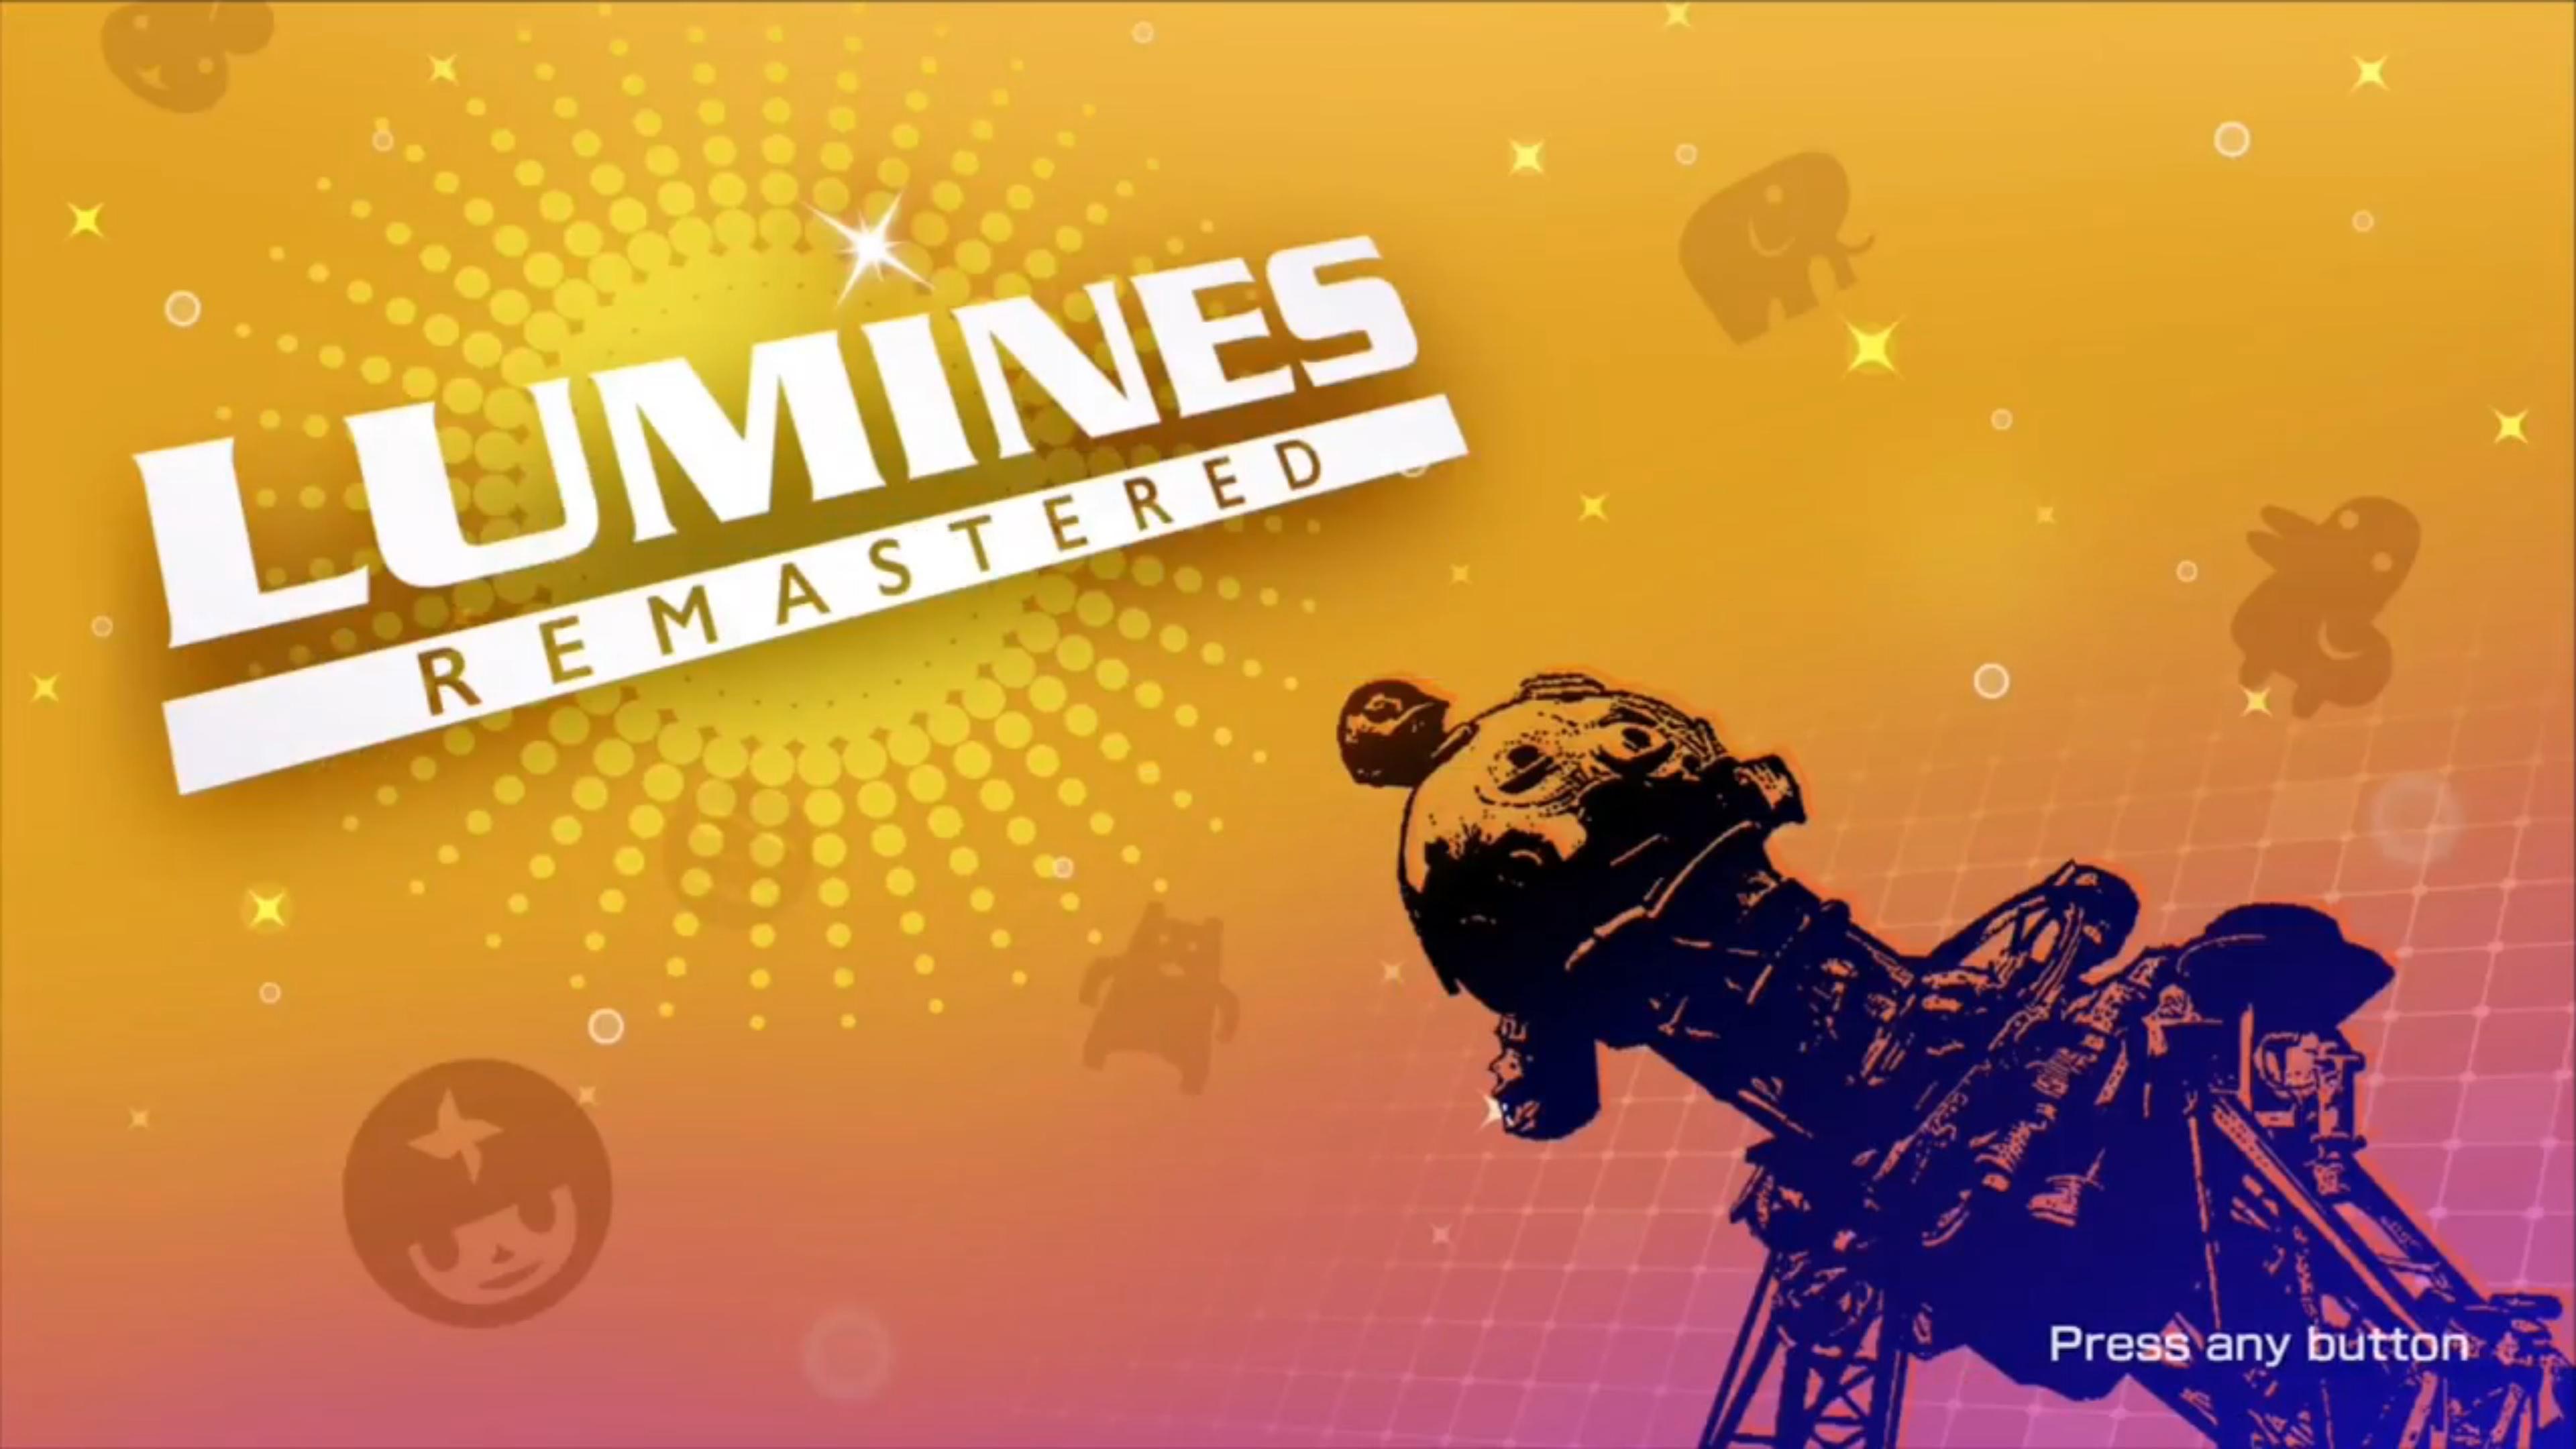 Lumines Rematered vendeu mais no Switch do que nas outras plataformas